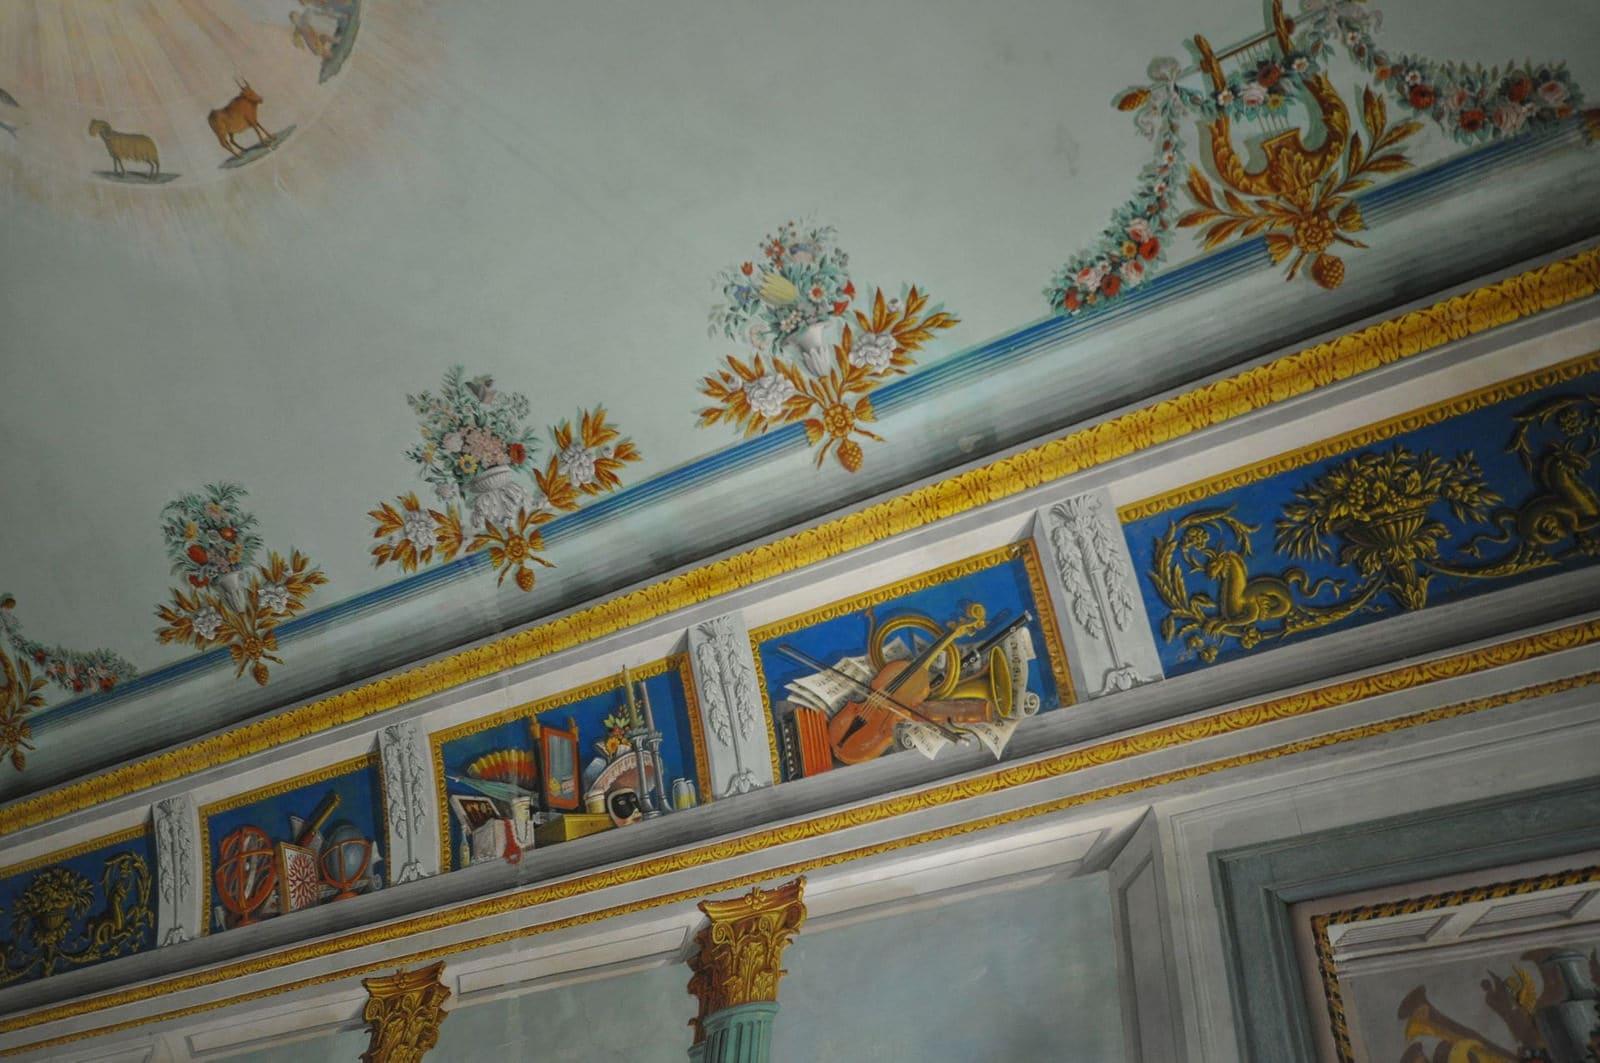 affreschi sui soffitti del castello